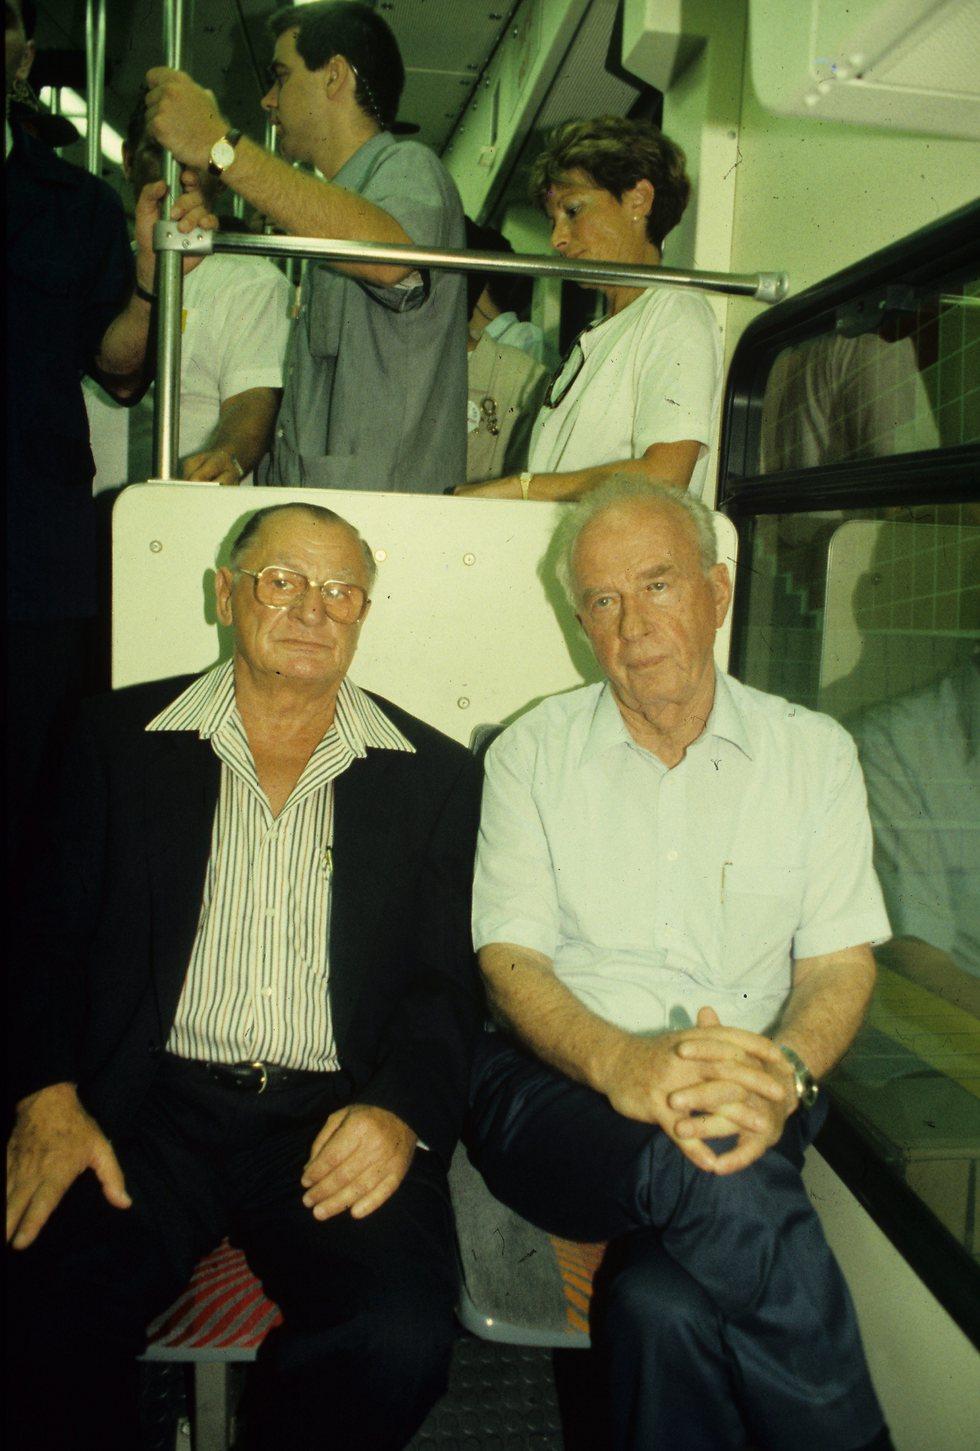 """רבין ז""""ל וראש העיר גוראל ז""""ל בפתיחת הכרמלית החדשה, 1992 (צילום: רון סולומון)"""